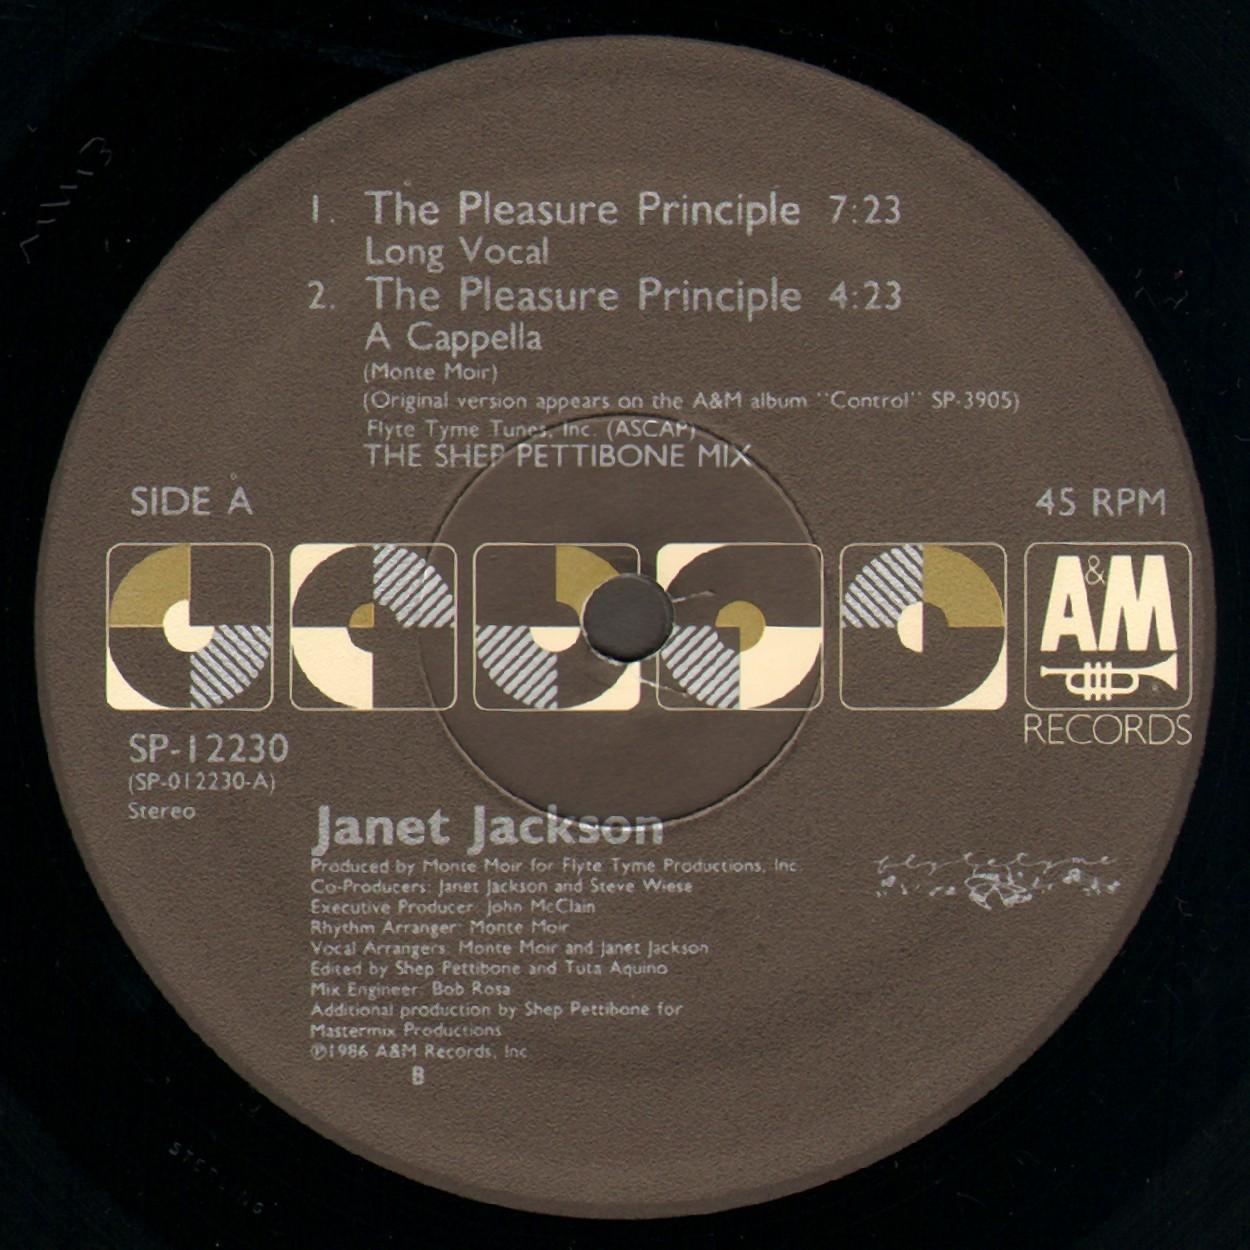 The pleasure principle - 4 7